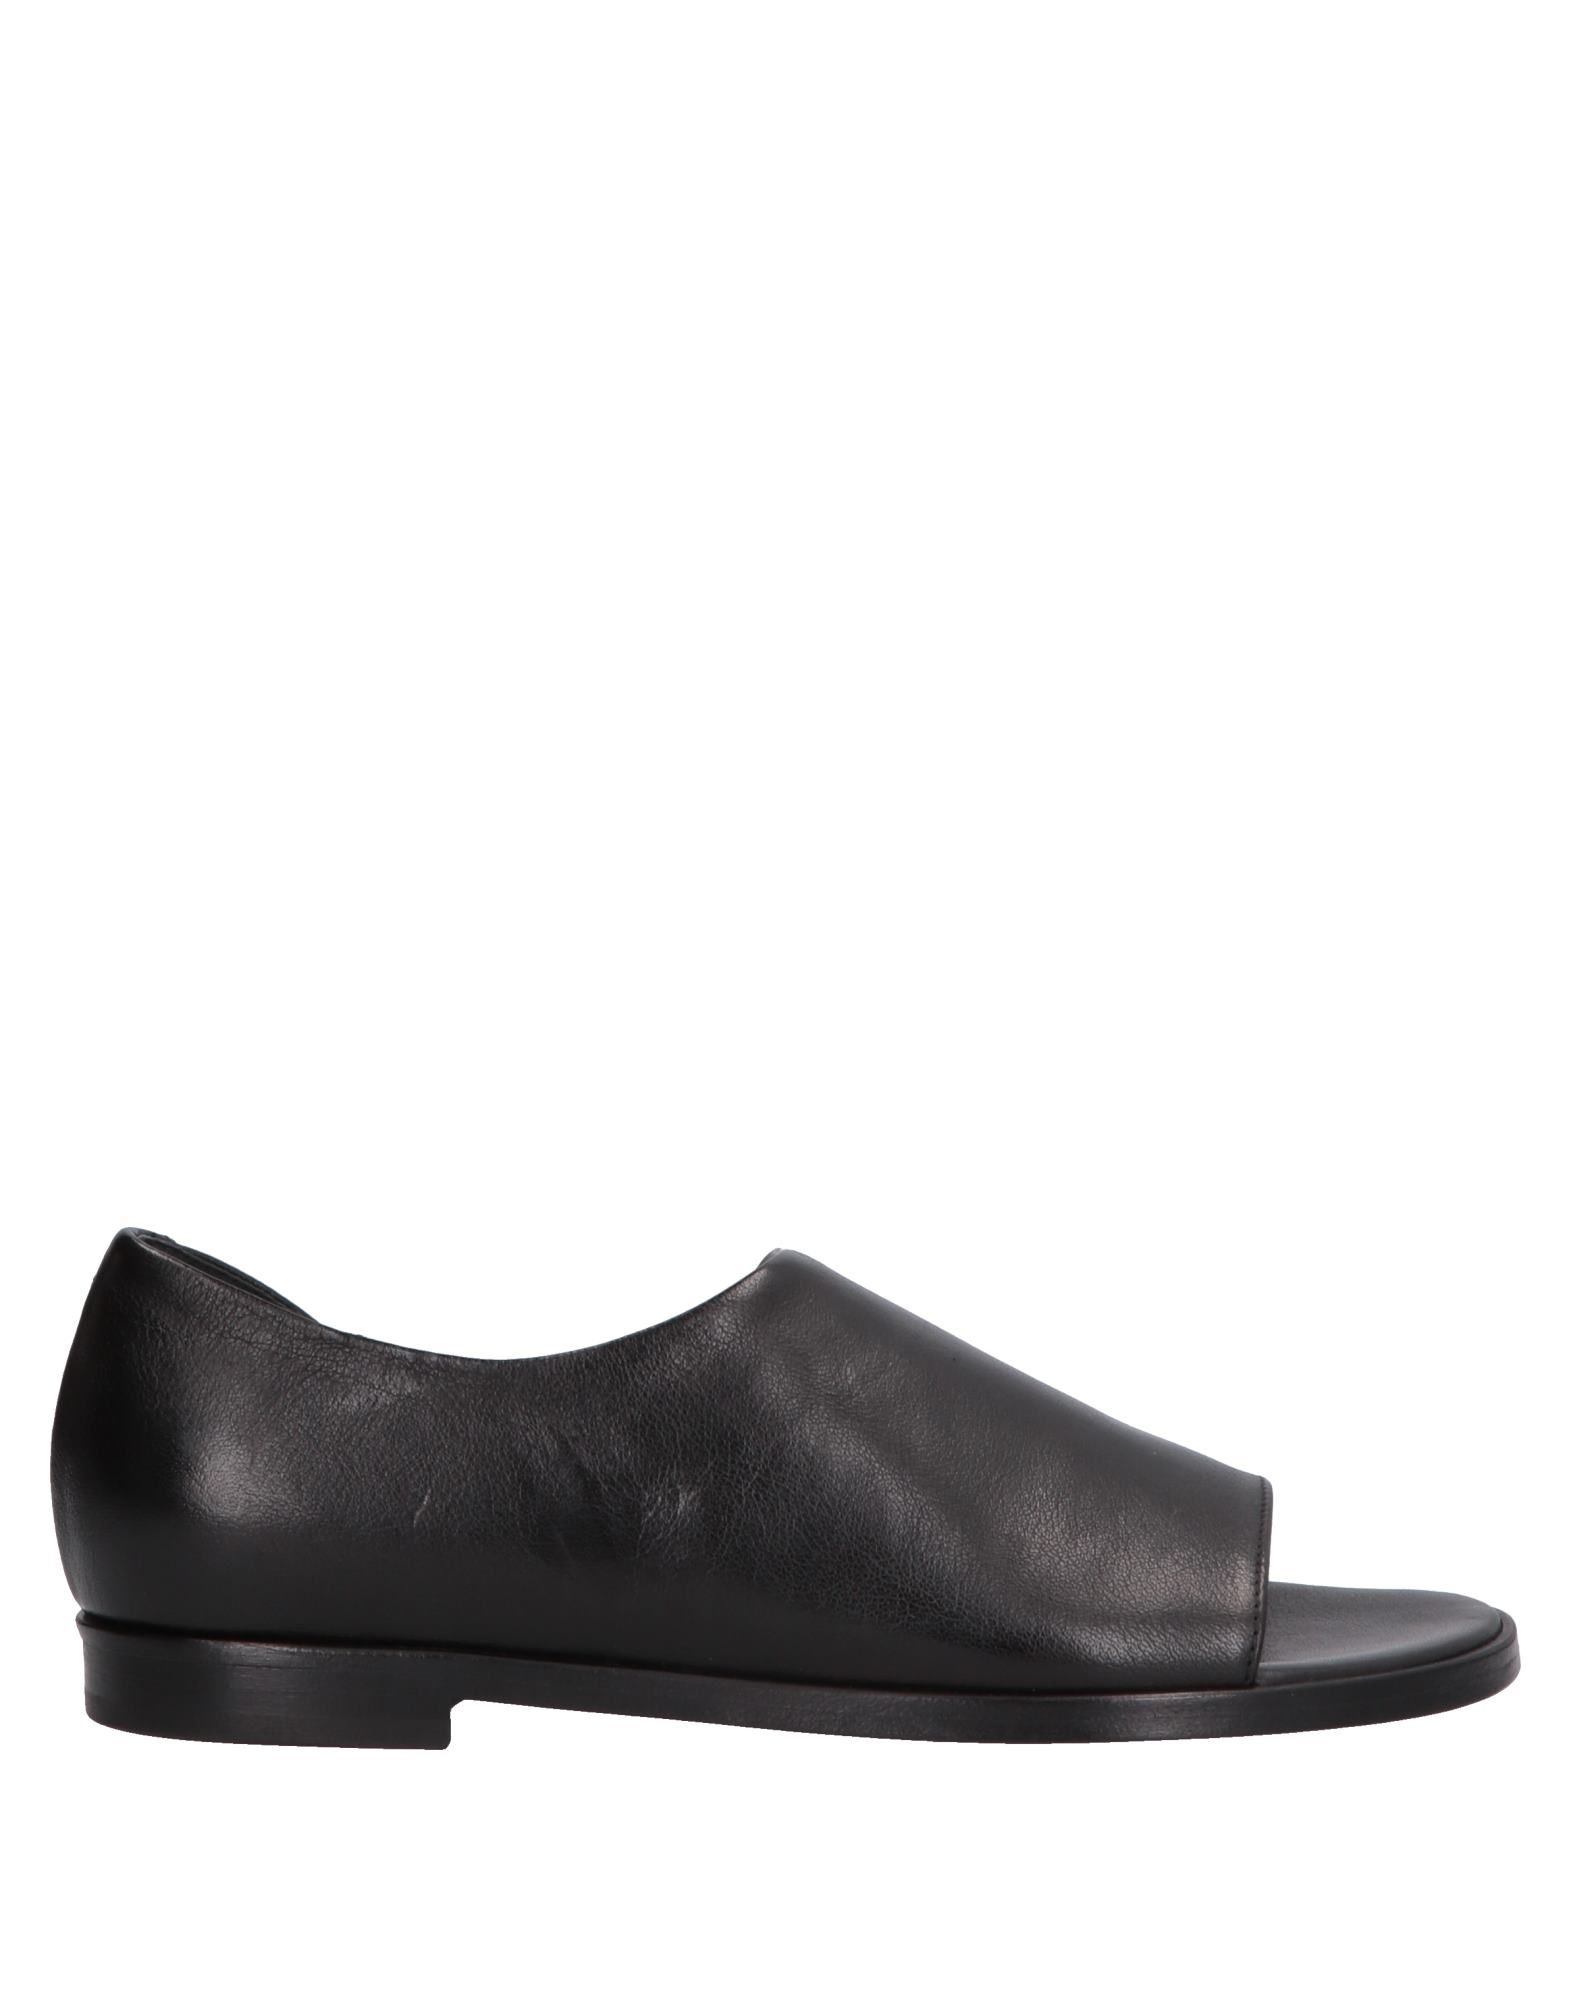 Alberto Fermani Sandals - Women Alberto Fermani Sandals Kingdom online on  United Kingdom Sandals - 11570290WV 30a0c1